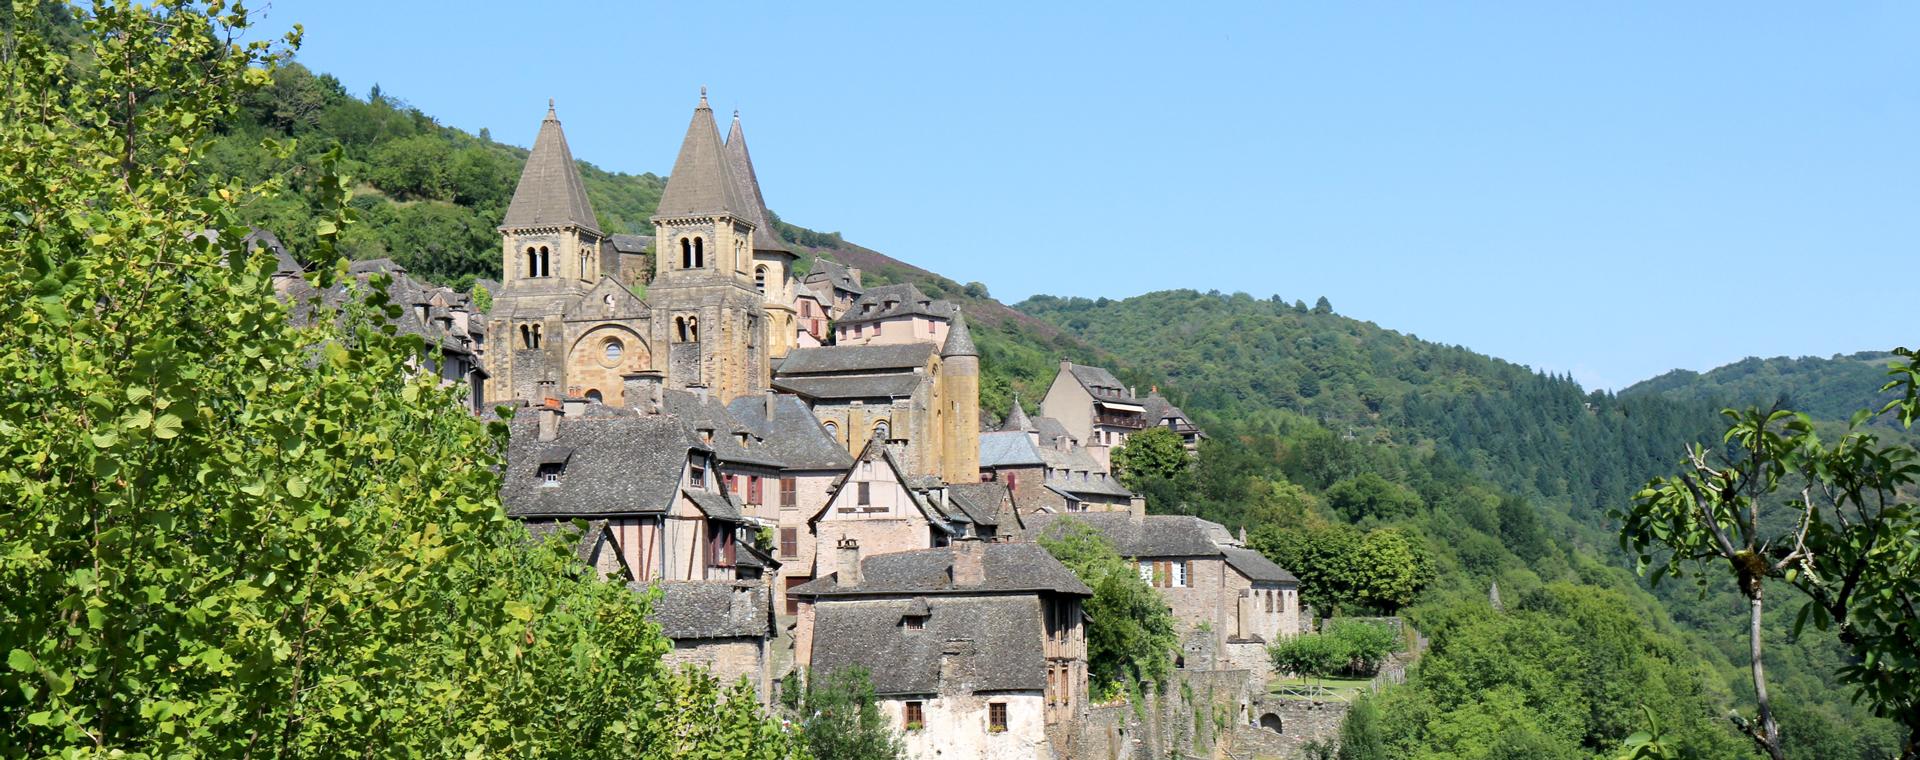 Image Chemins de Saint-Jacques : randonnée de Conques à Cahors